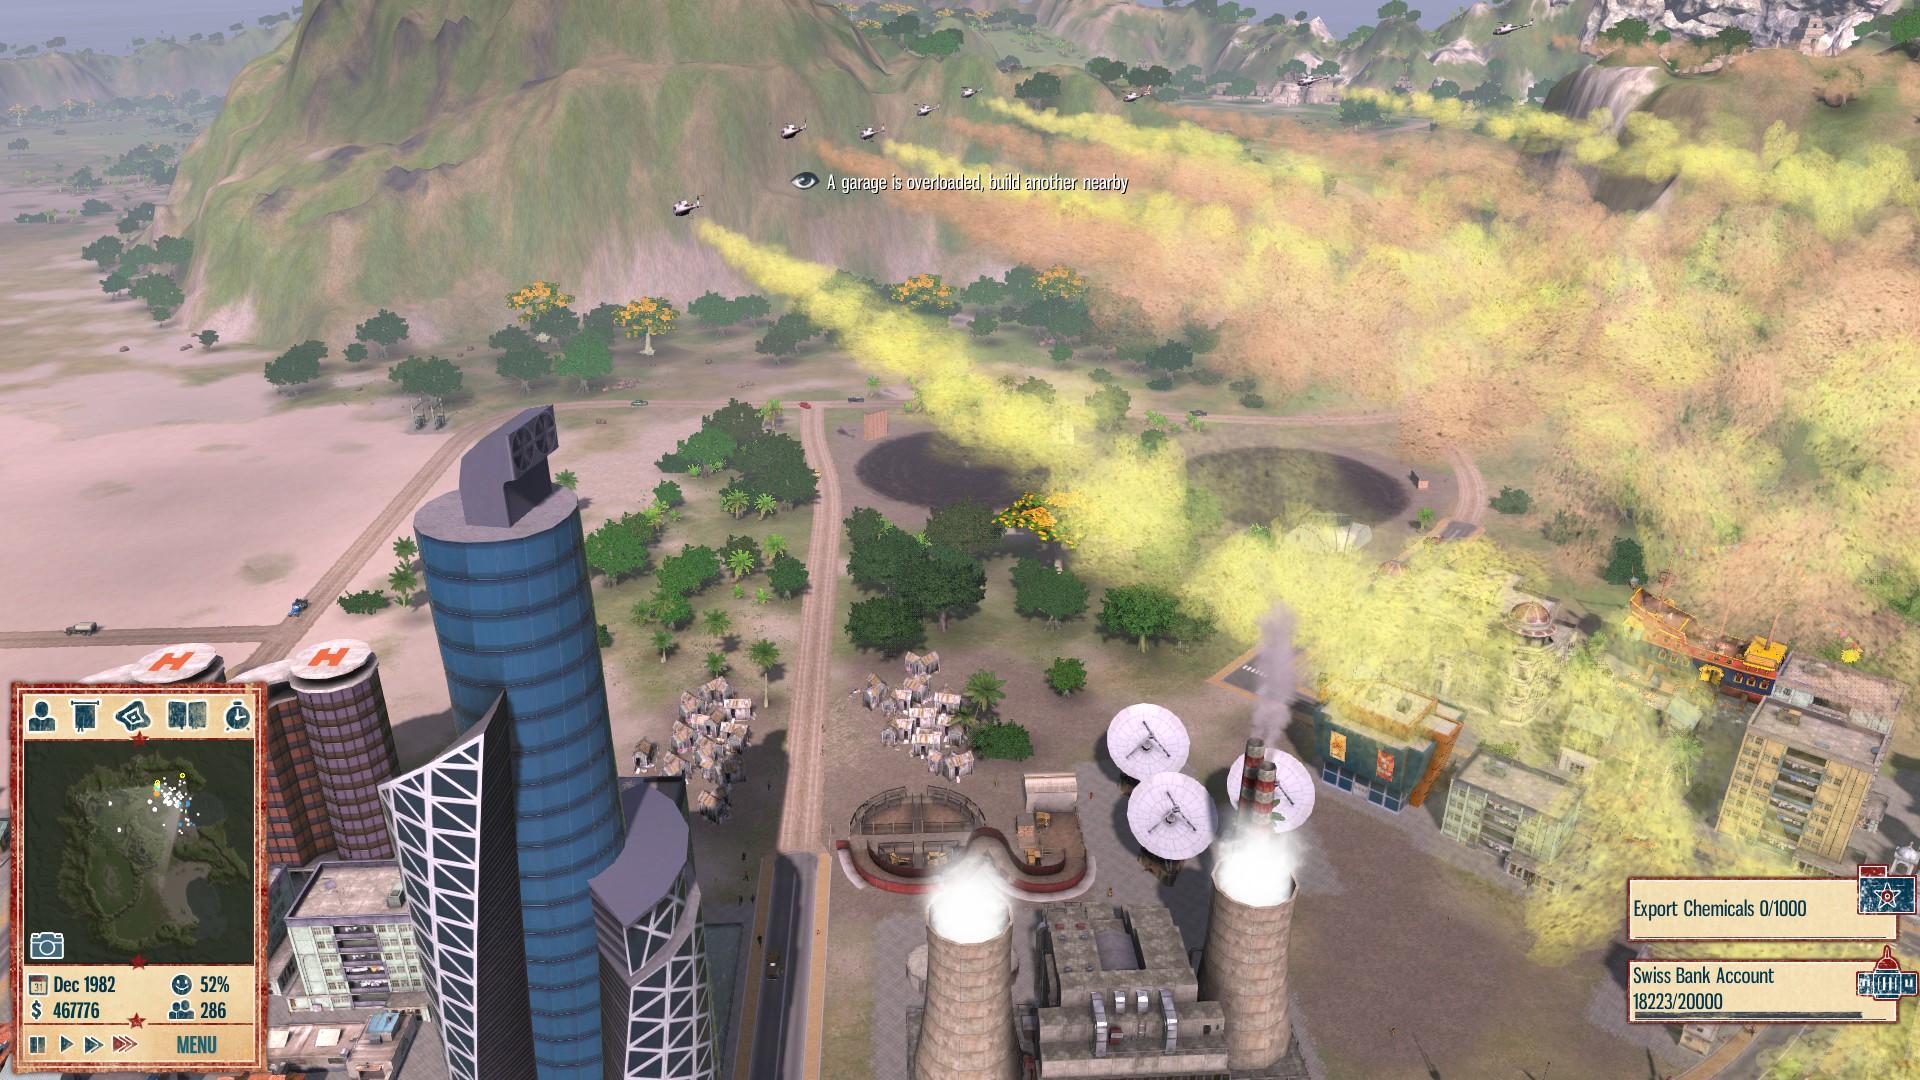 Tropico 4 Backgrounds, Compatible - PC, Mobile, Gadgets| 1920x1080 px